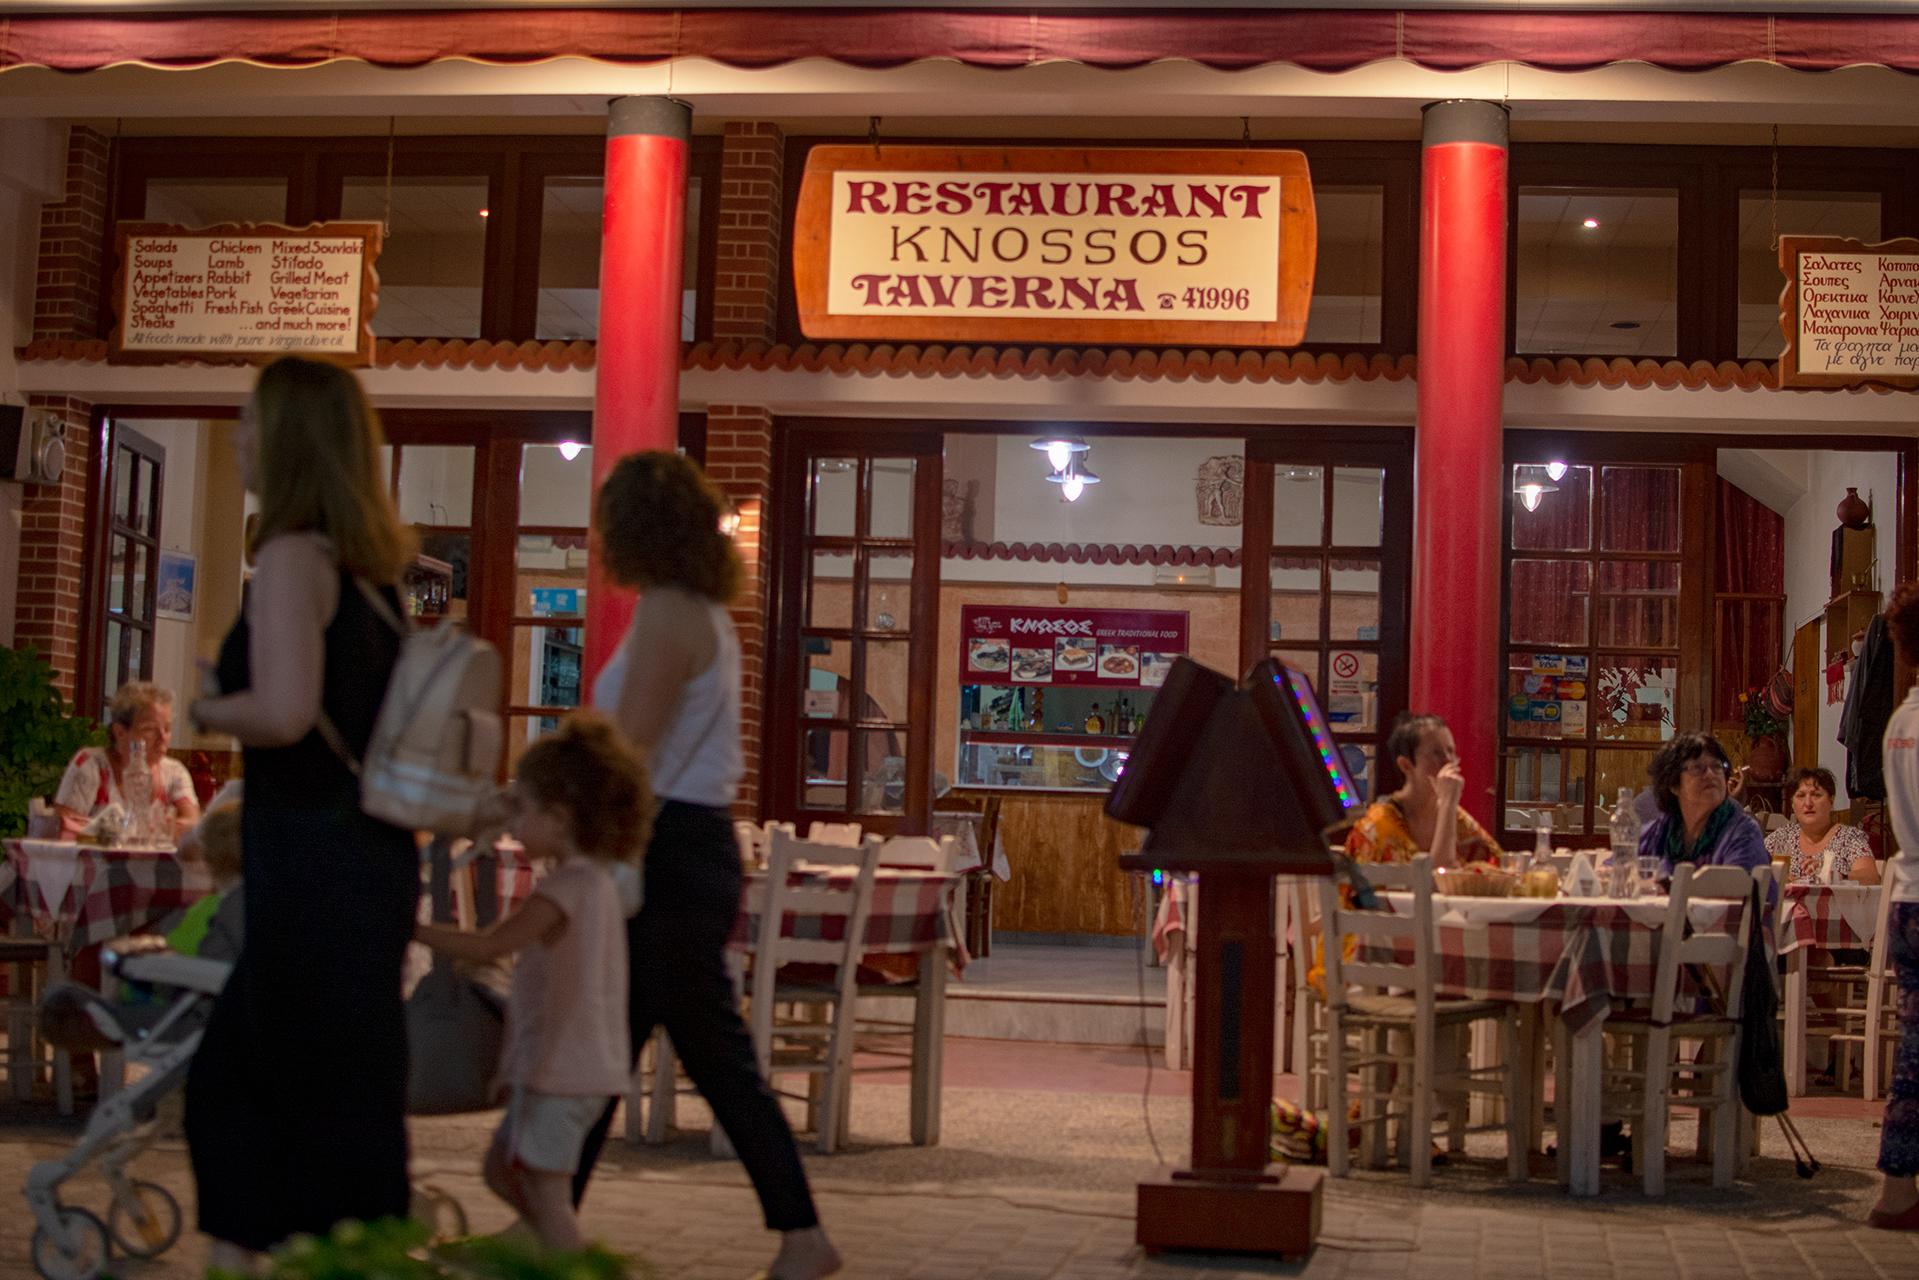 Knossos Restaurant